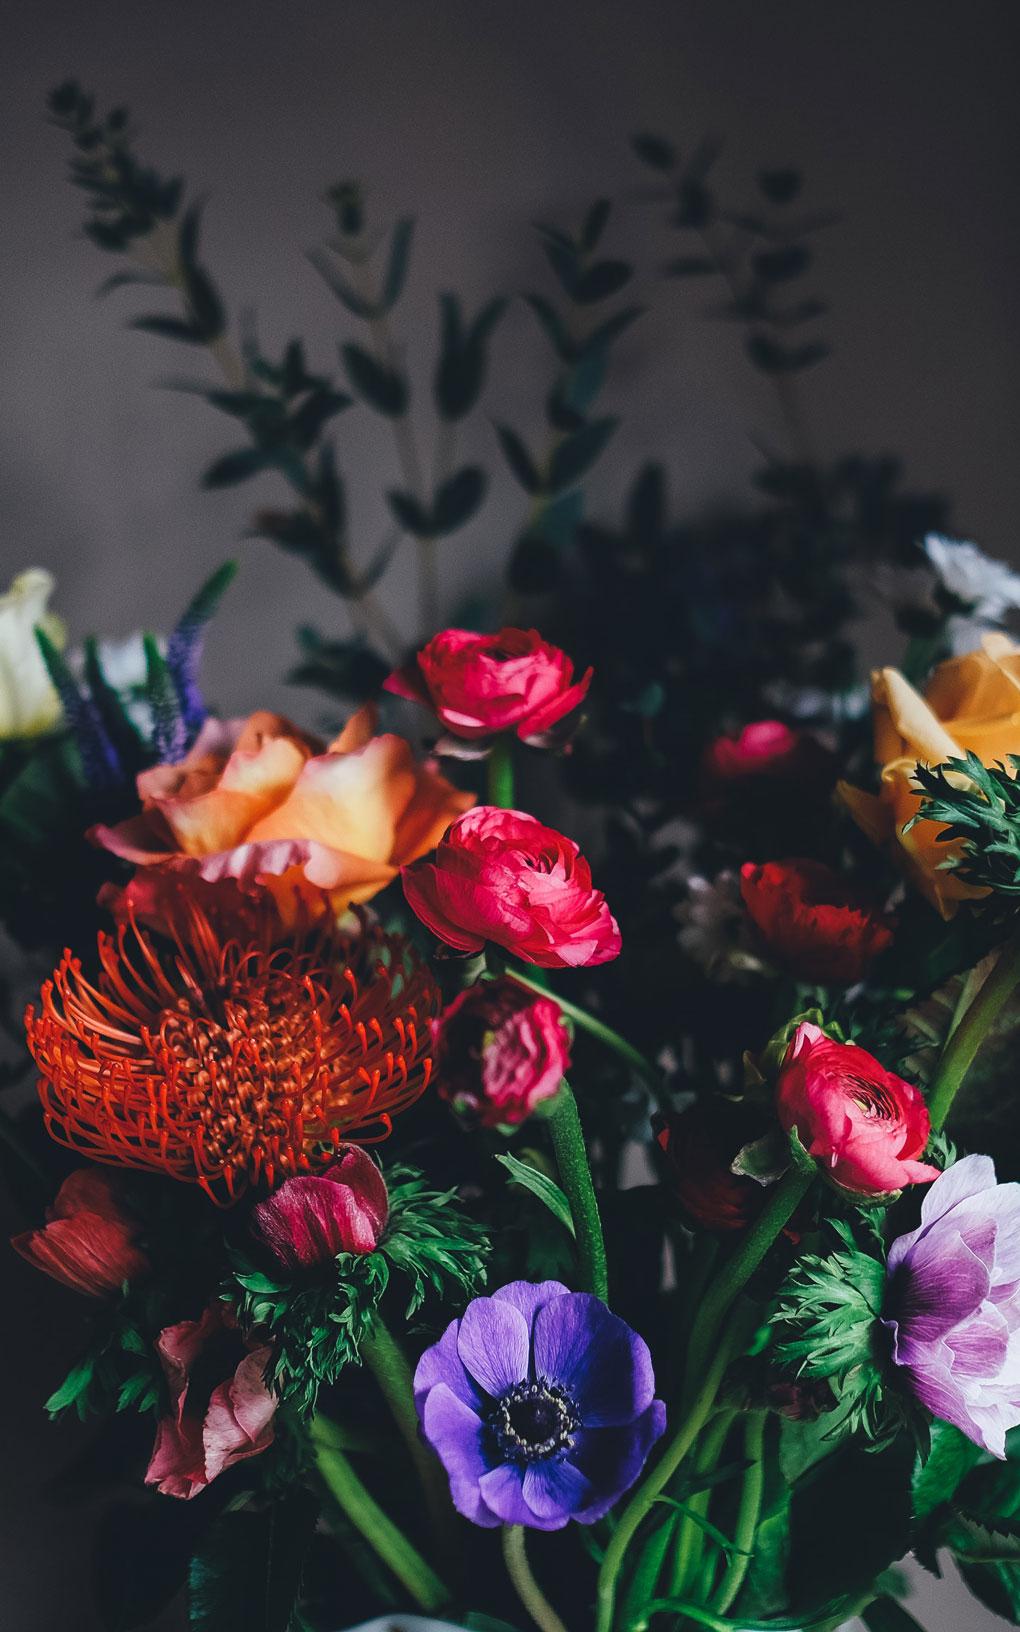 קלוז אפ על סידור פרחים אדמדם